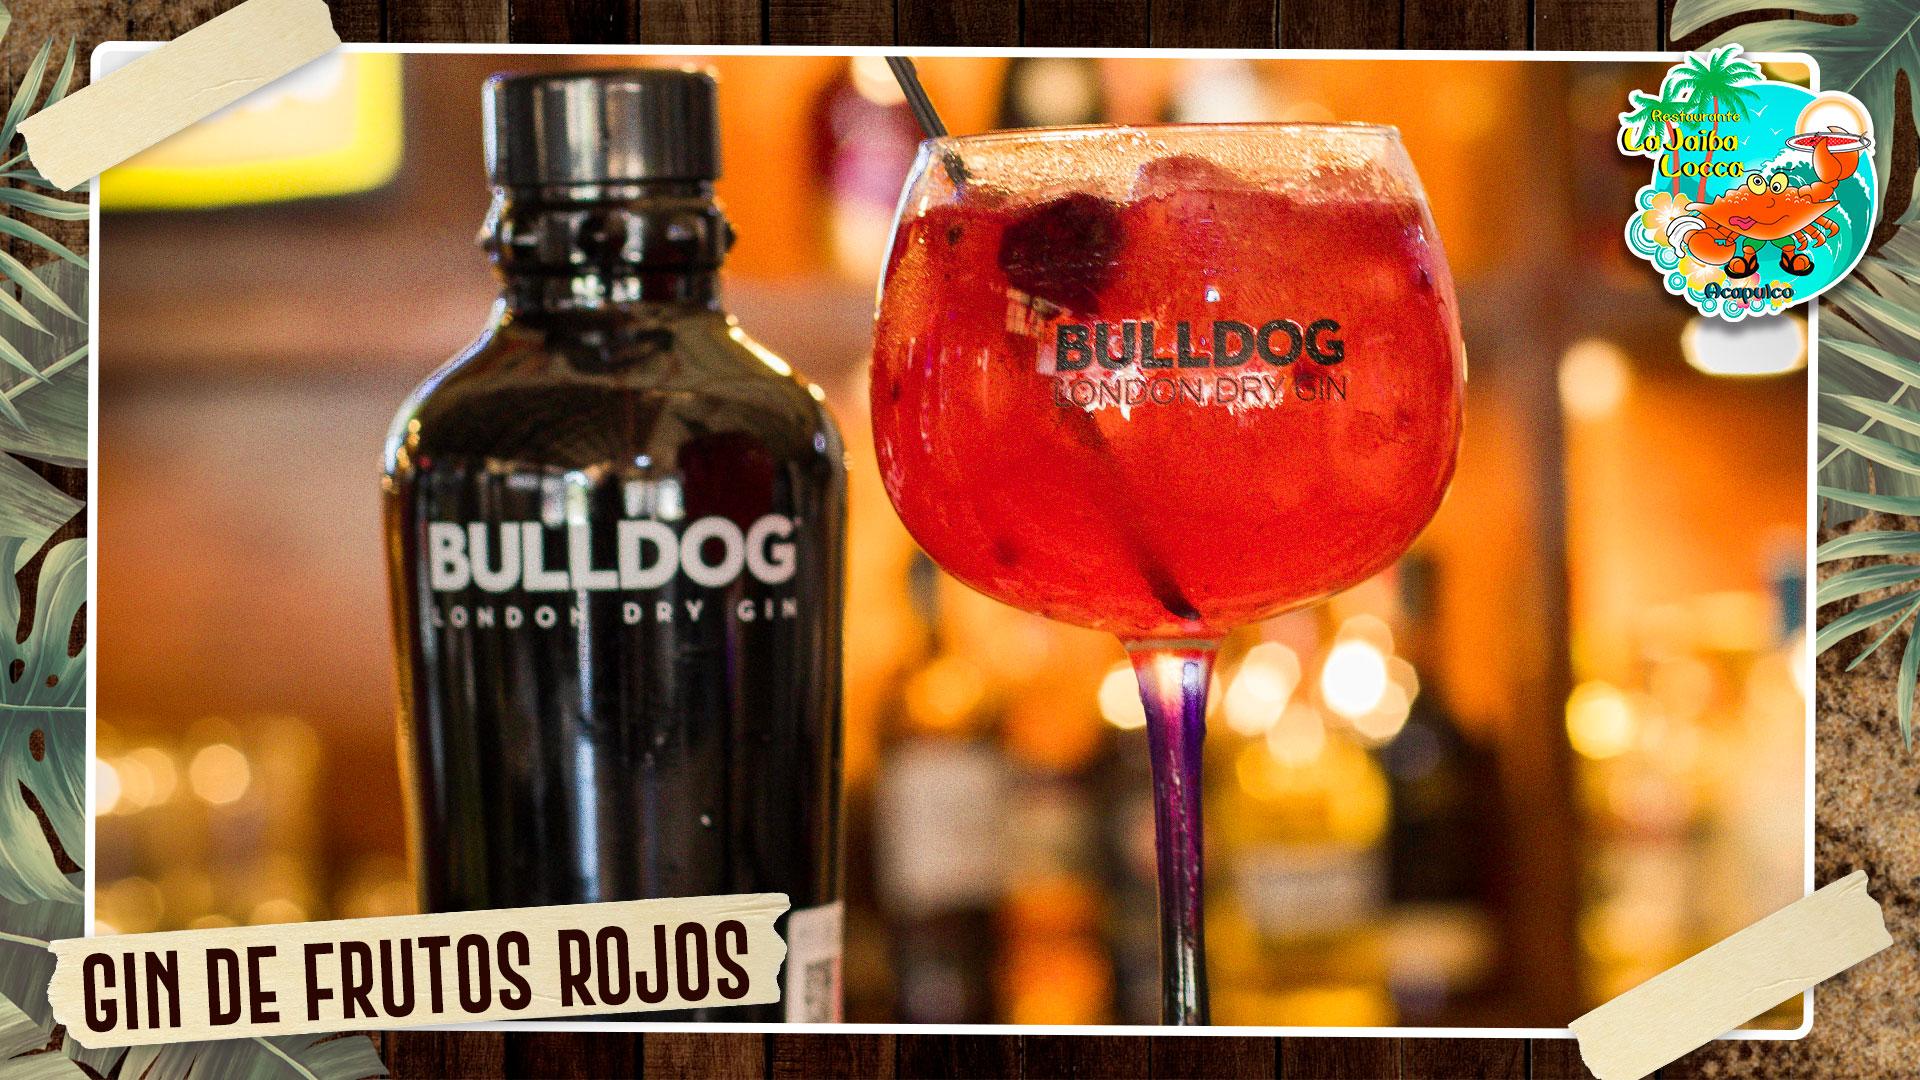 https://0201.nccdn.net/4_2/000/000/046/6ea/61.-gin-de-frutos-rojos.jpg